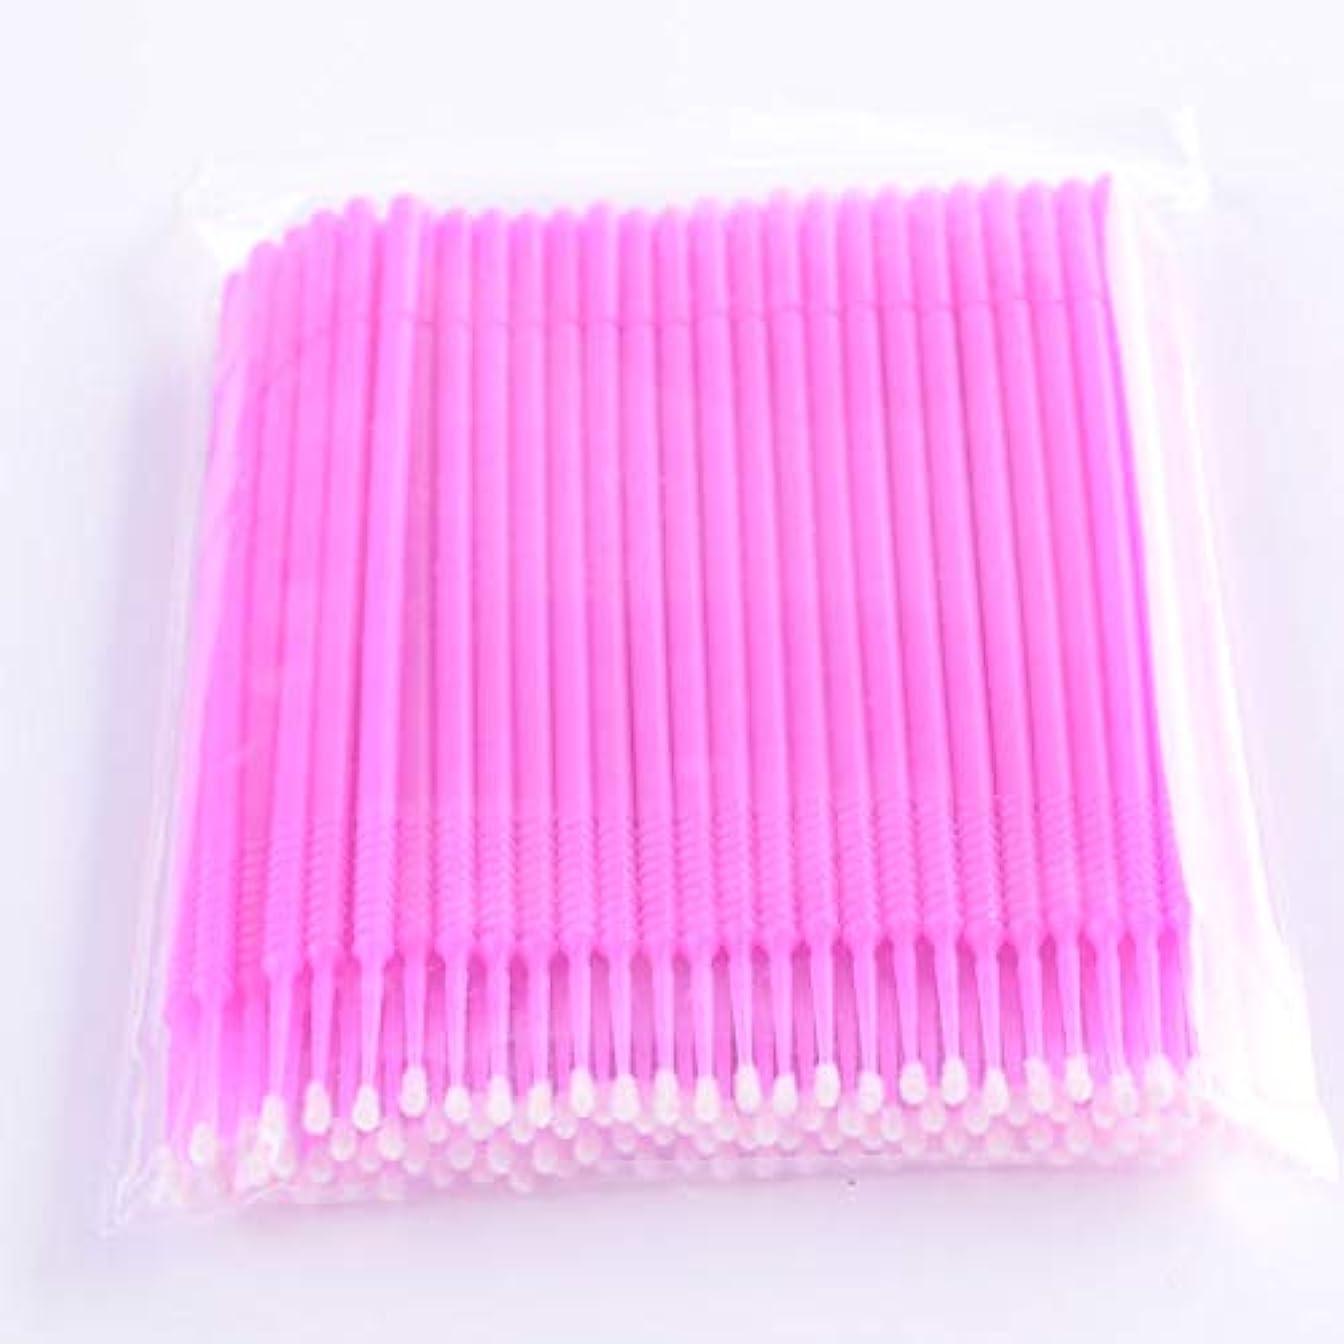 宗教的な入学するアルカイックPLATINA LASH マイクロスティック 100本入り マイクロブラシ 使い捨て極細綿棒アプリケーター まつげエクステ用 (Fine/Pink)